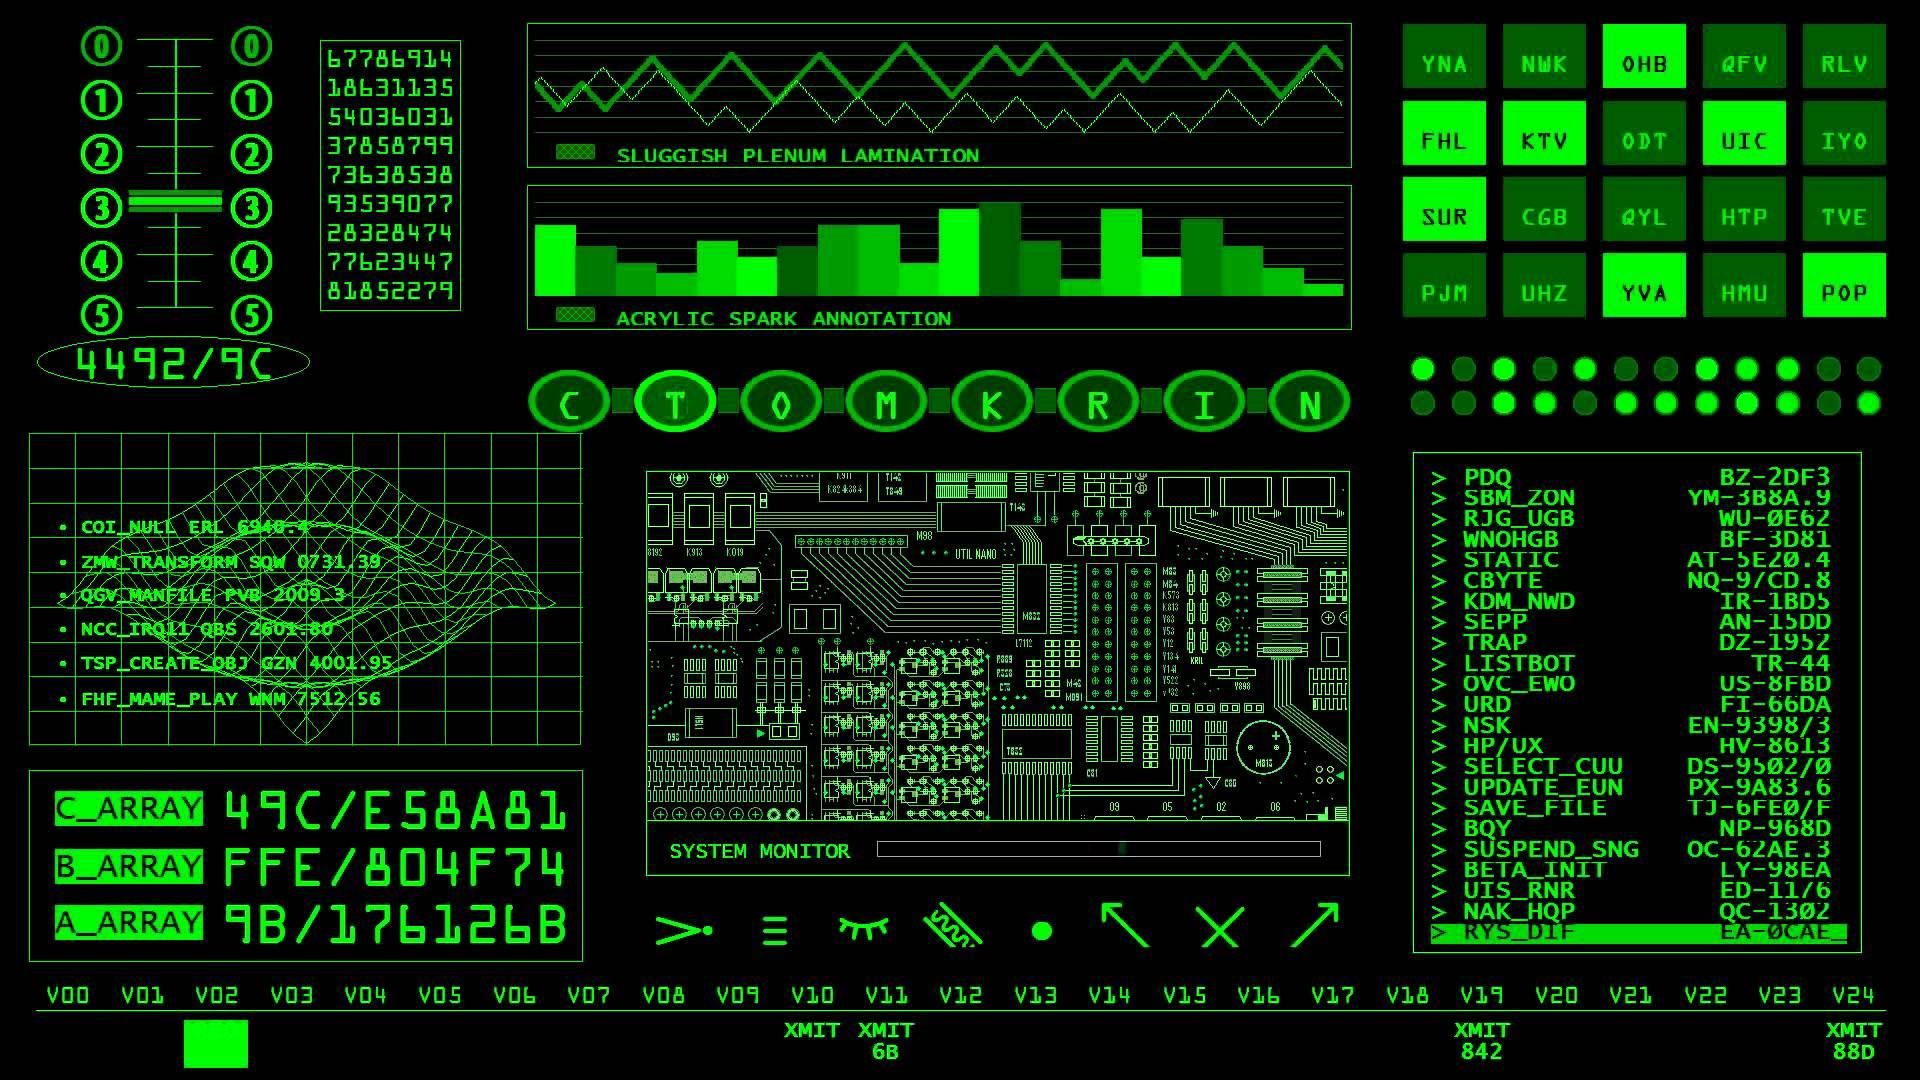 Retro Sci Fi Screensaver 1920x1080